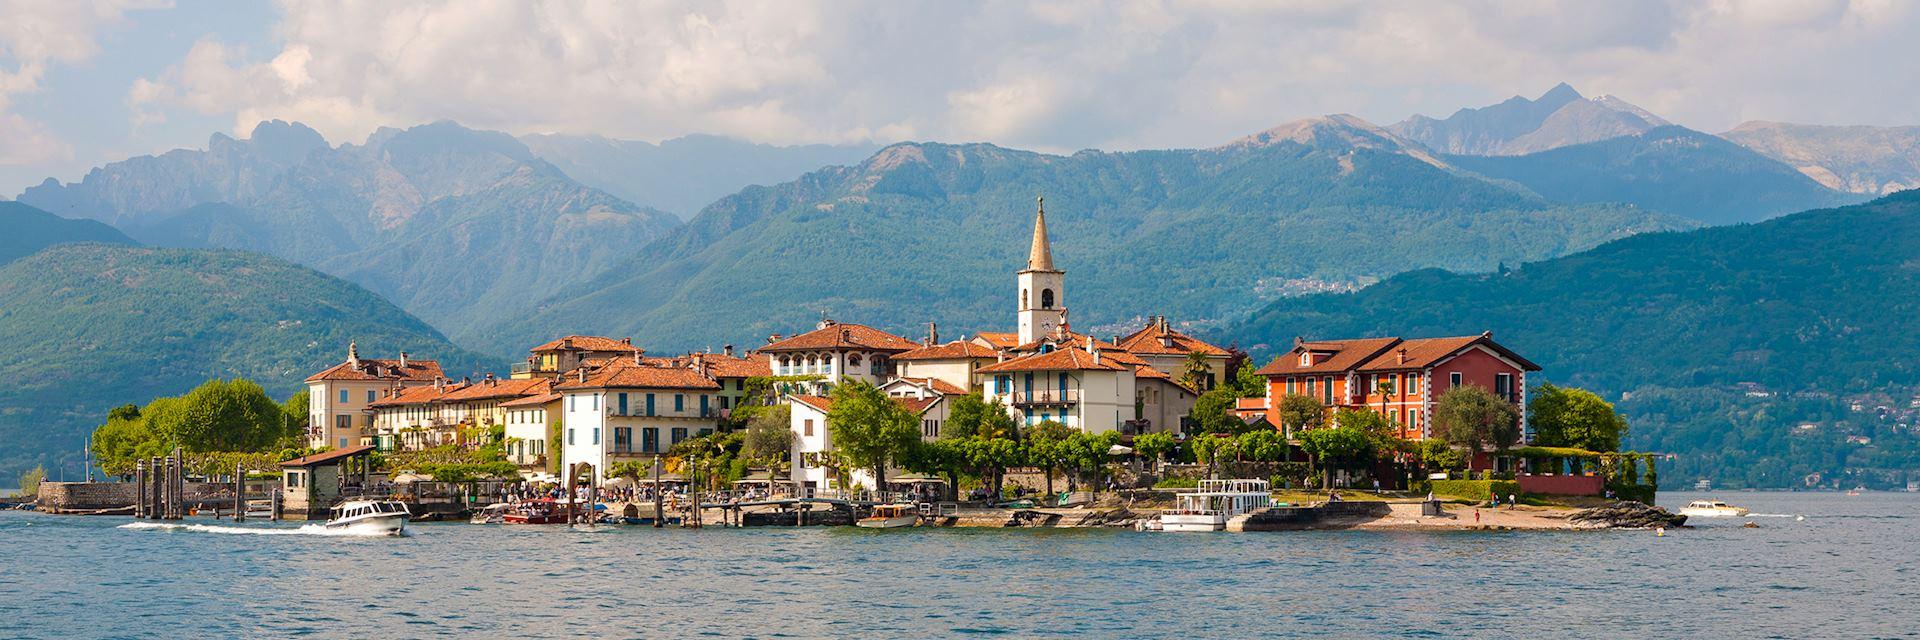 Lake Maggiore, Fishermen Island